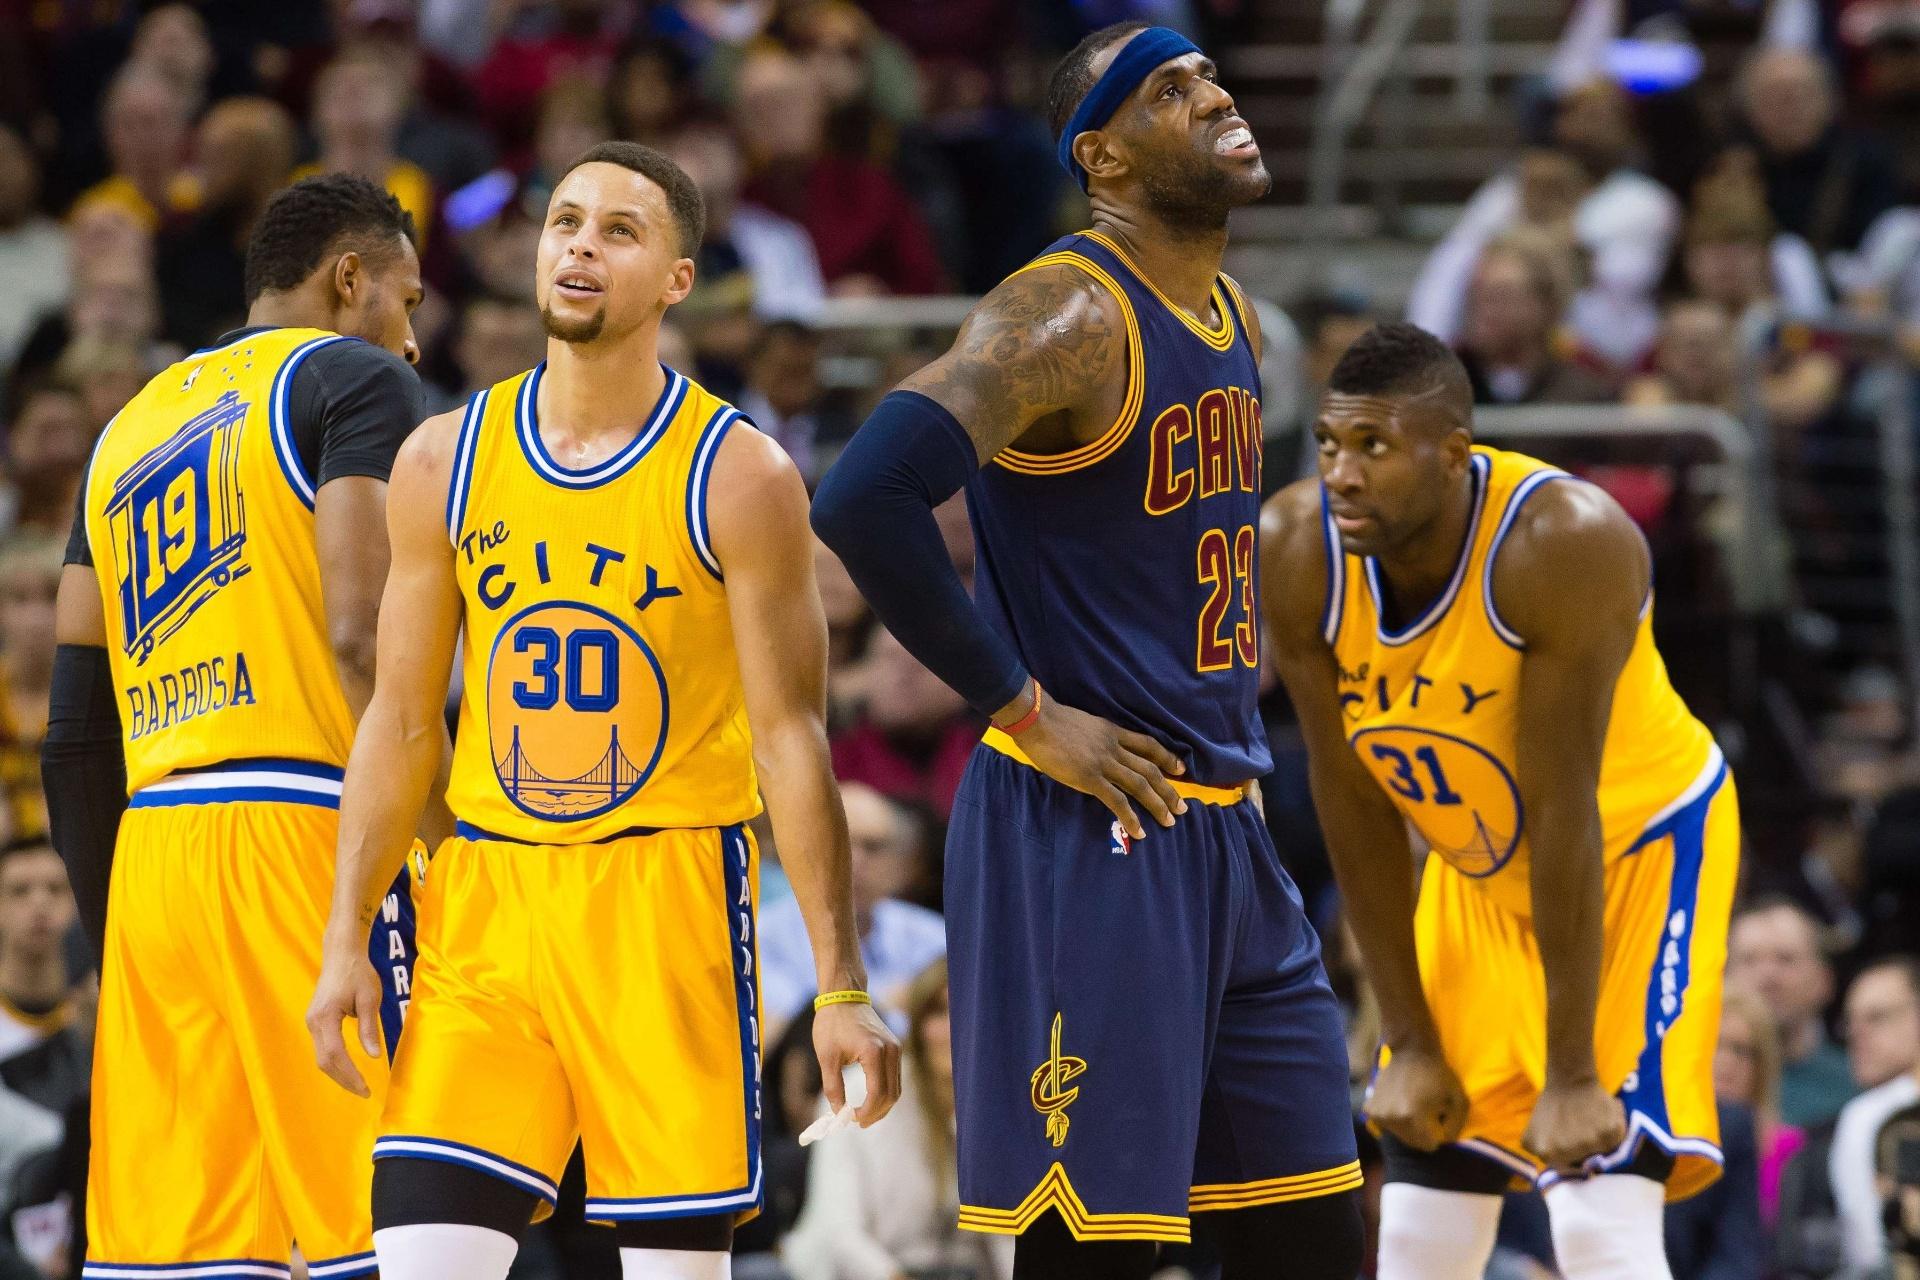 9a1a3ebe3b172 Cavaliers mira retrospecto de 50 anos para bater Golden State na final - 02 06 2016  - UOL Esporte